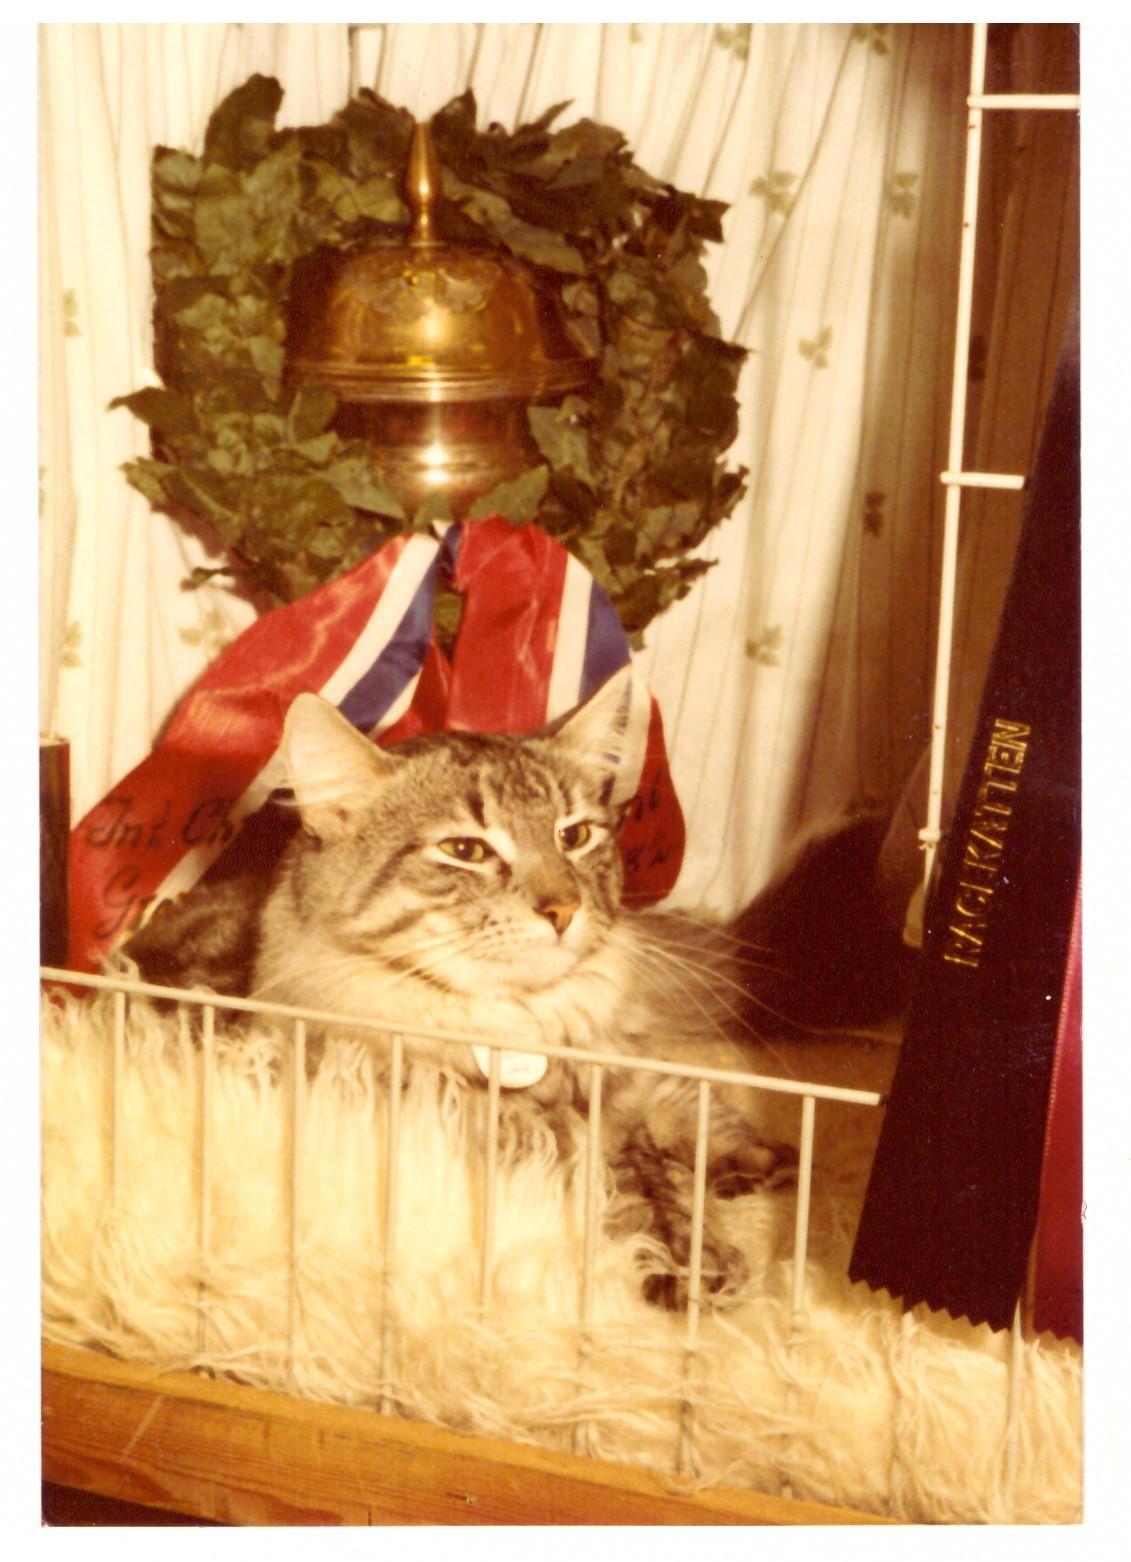 Torvemyra's Grand Soltario, Årets kat